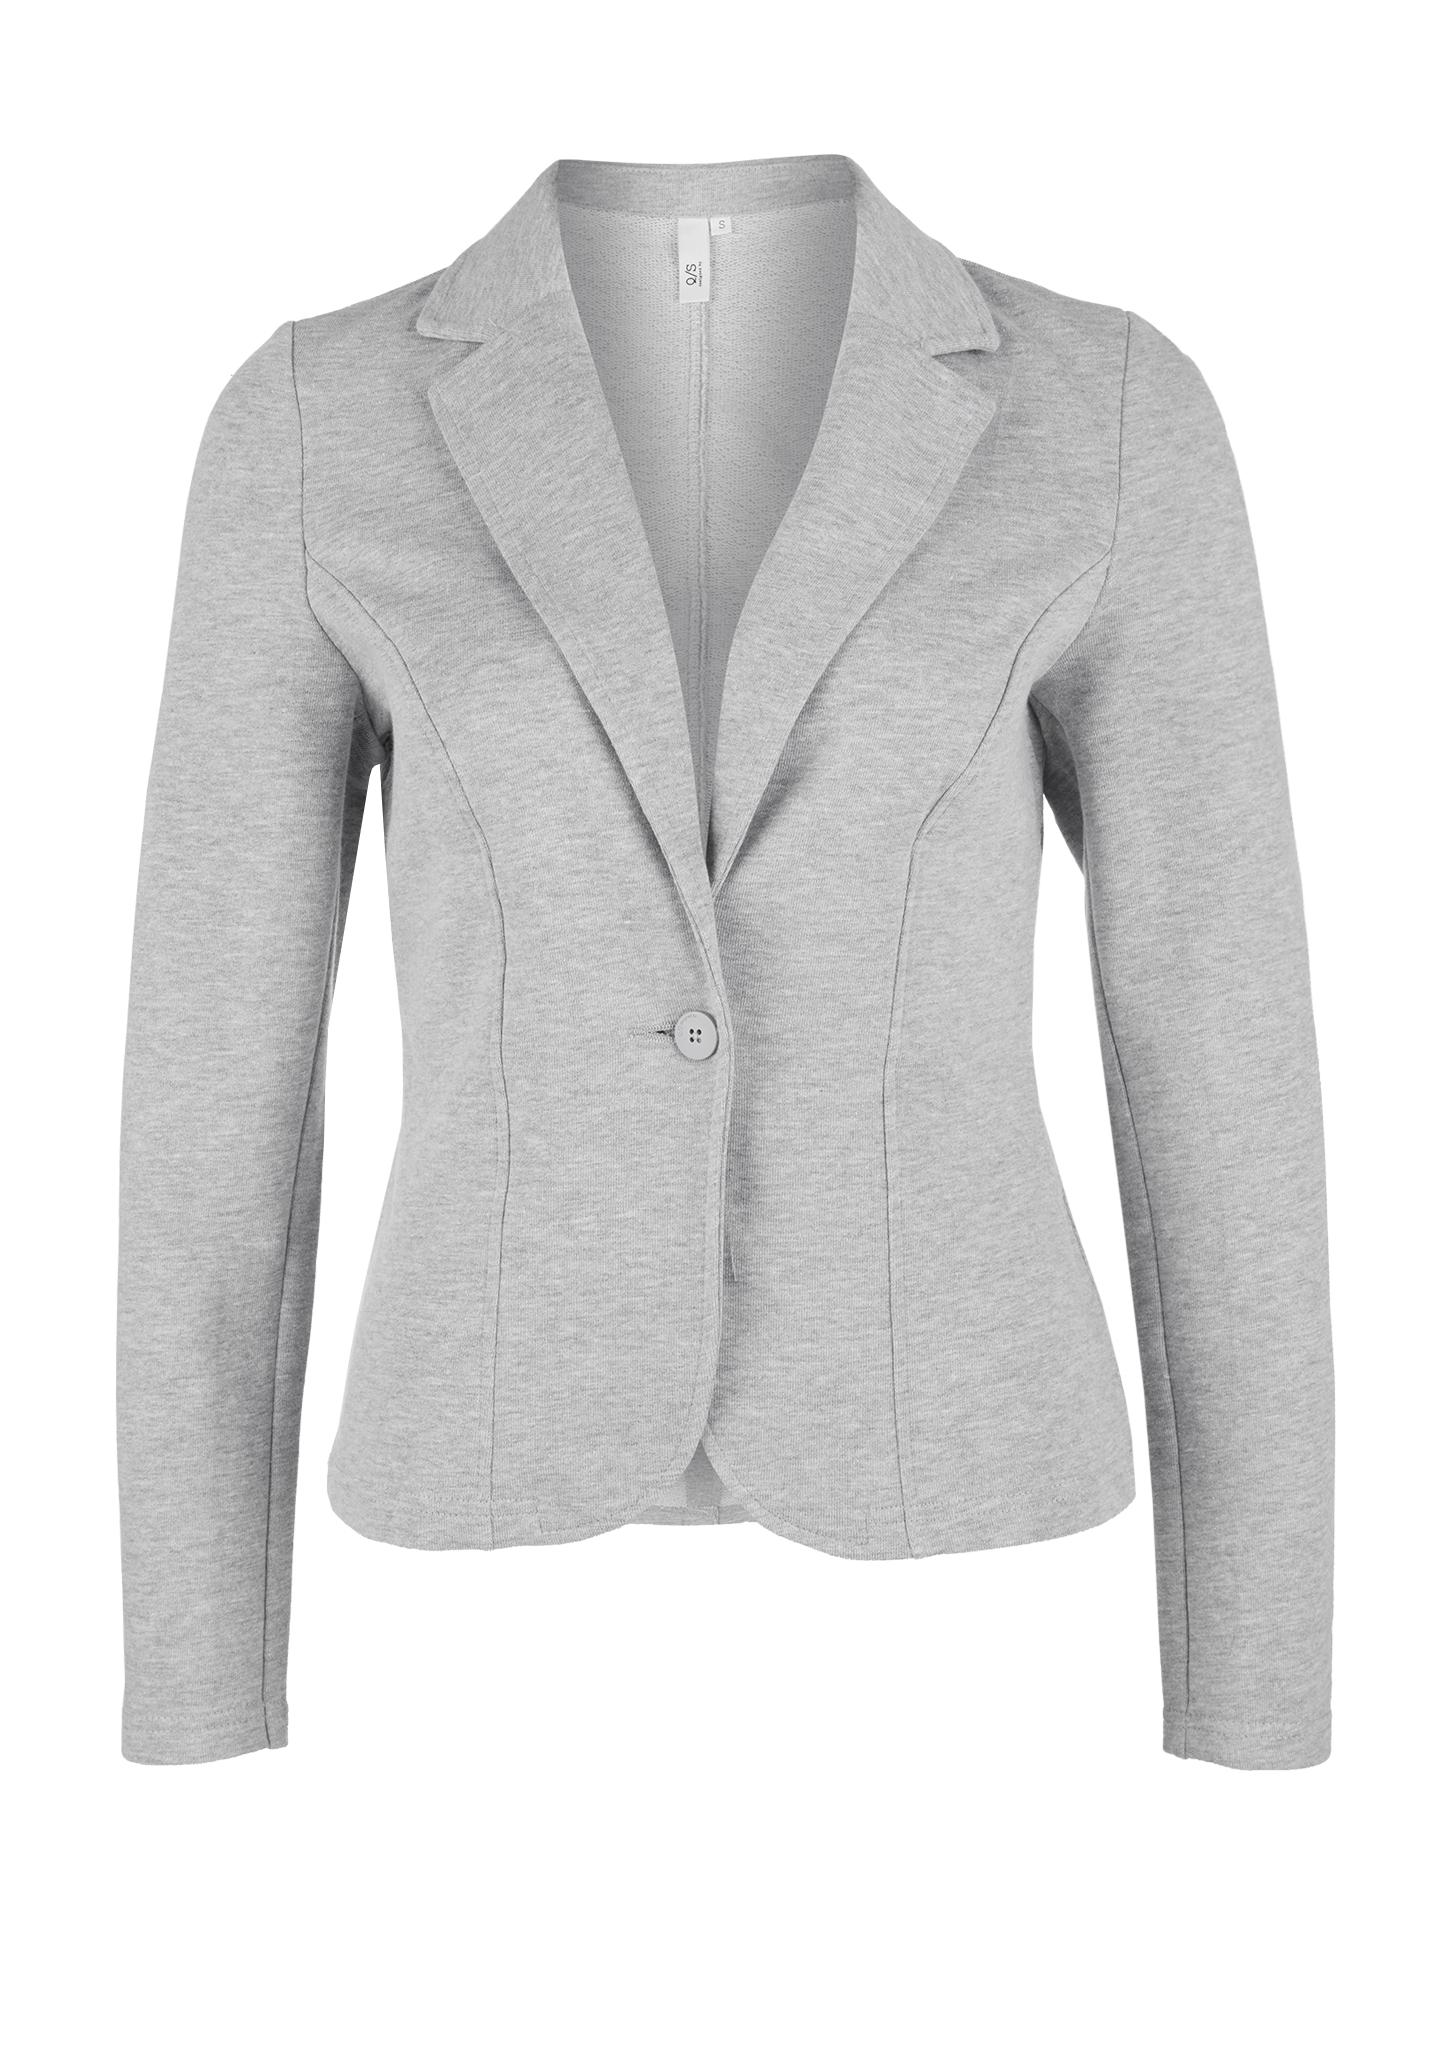 Sweatblazer | Bekleidung > Blazer > Sweatblazer | Grau | 60% baumwolle -  40% polyester | Q/S designed by